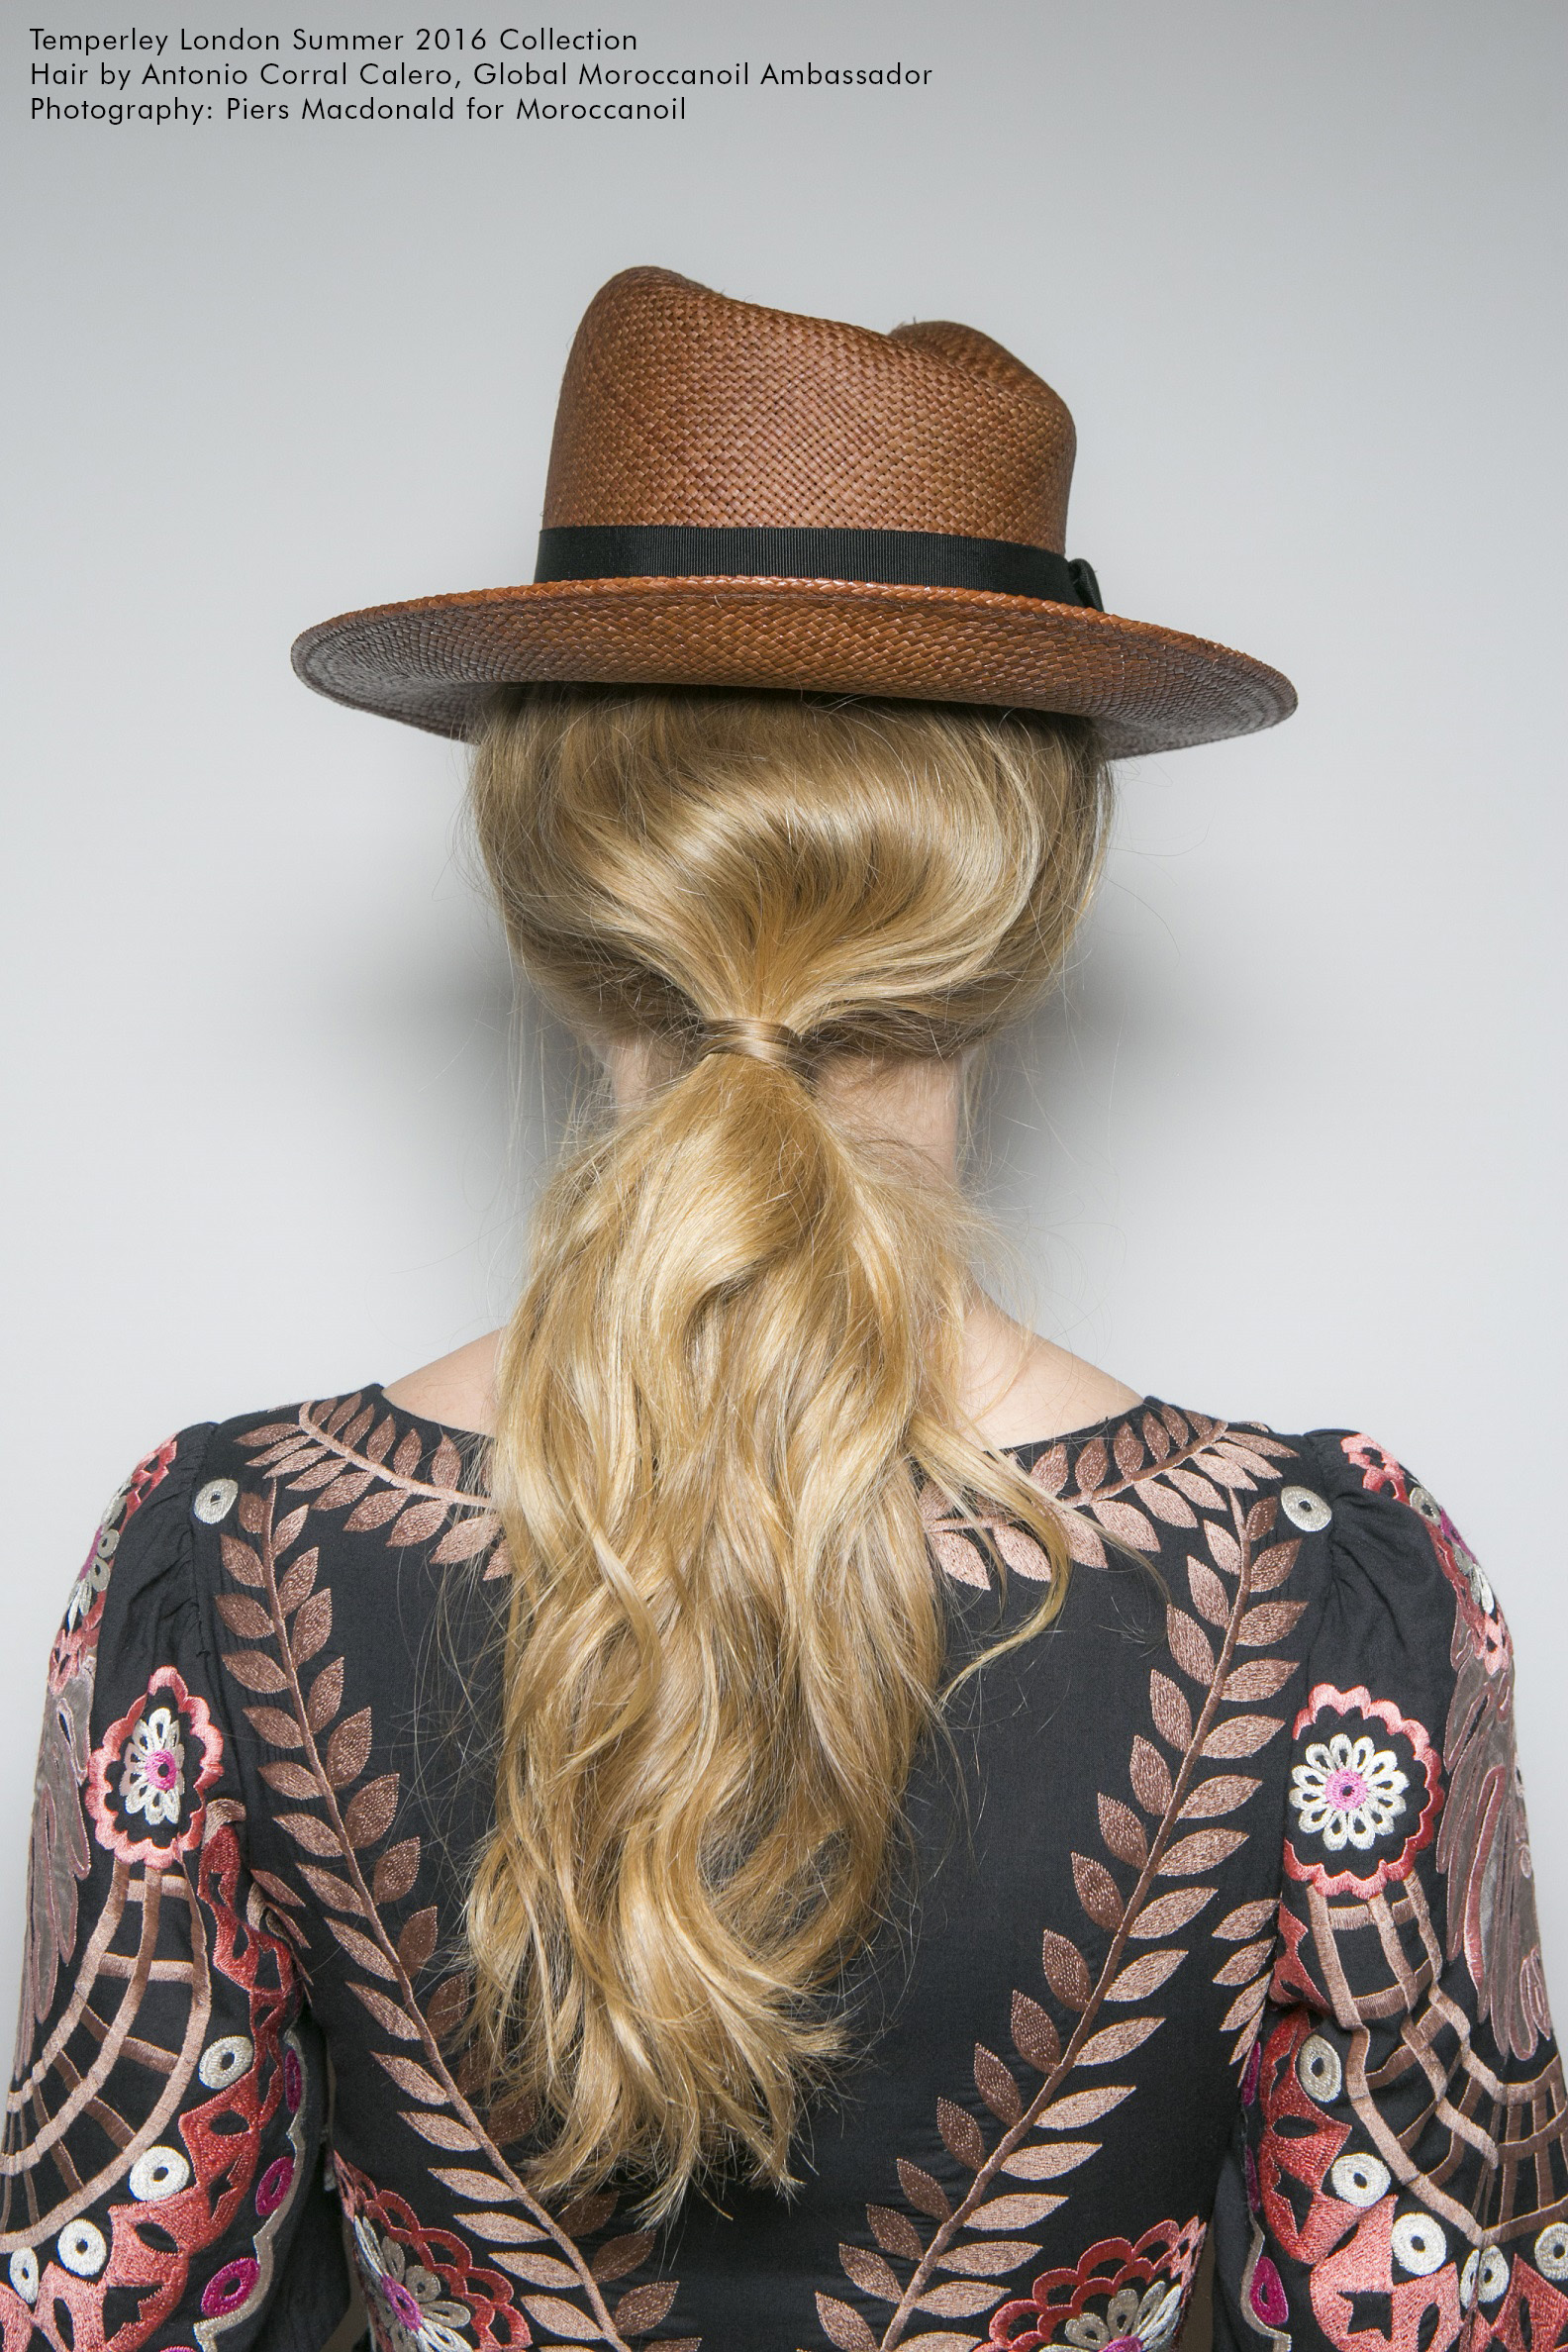 טרנדים חמים במראות שיער לקיץ 2016 - מתוך שבוע האופנה בלונדון